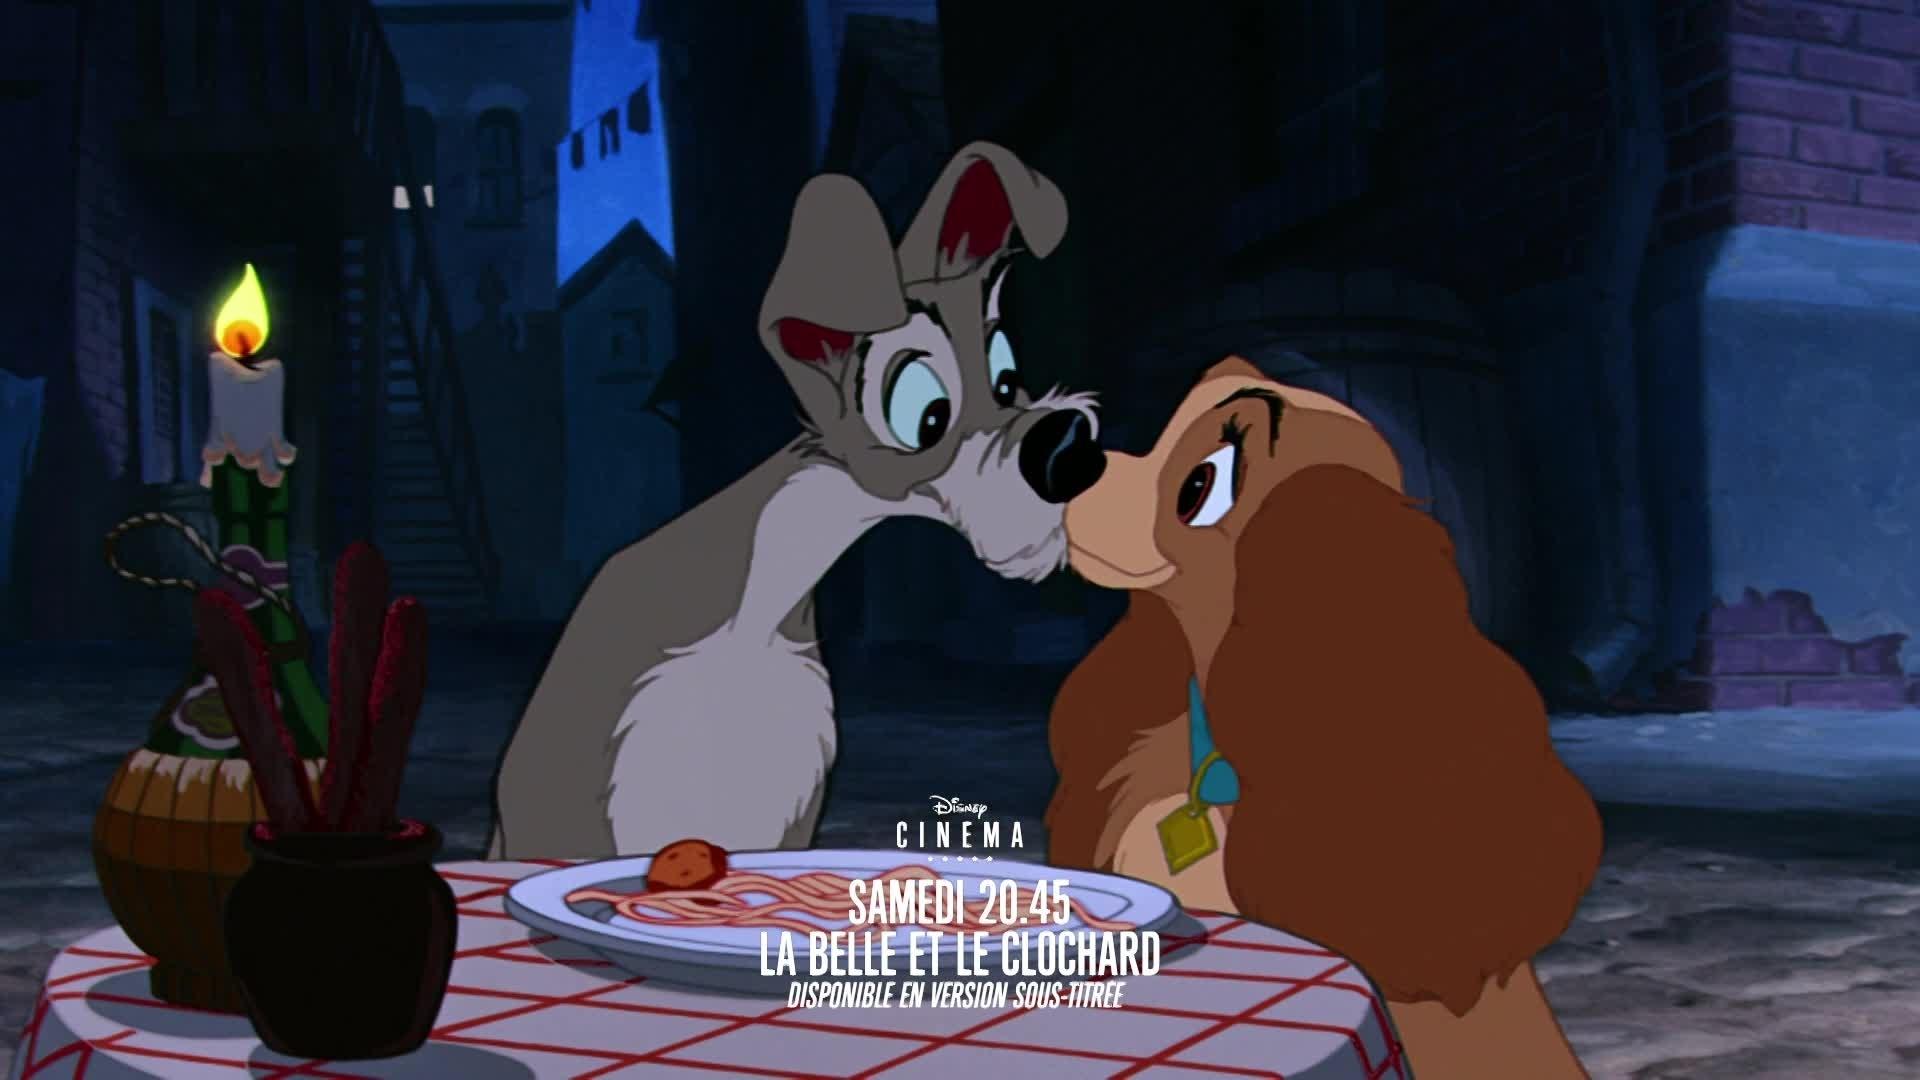 Samedi 14 janvier sur Disney Cinema